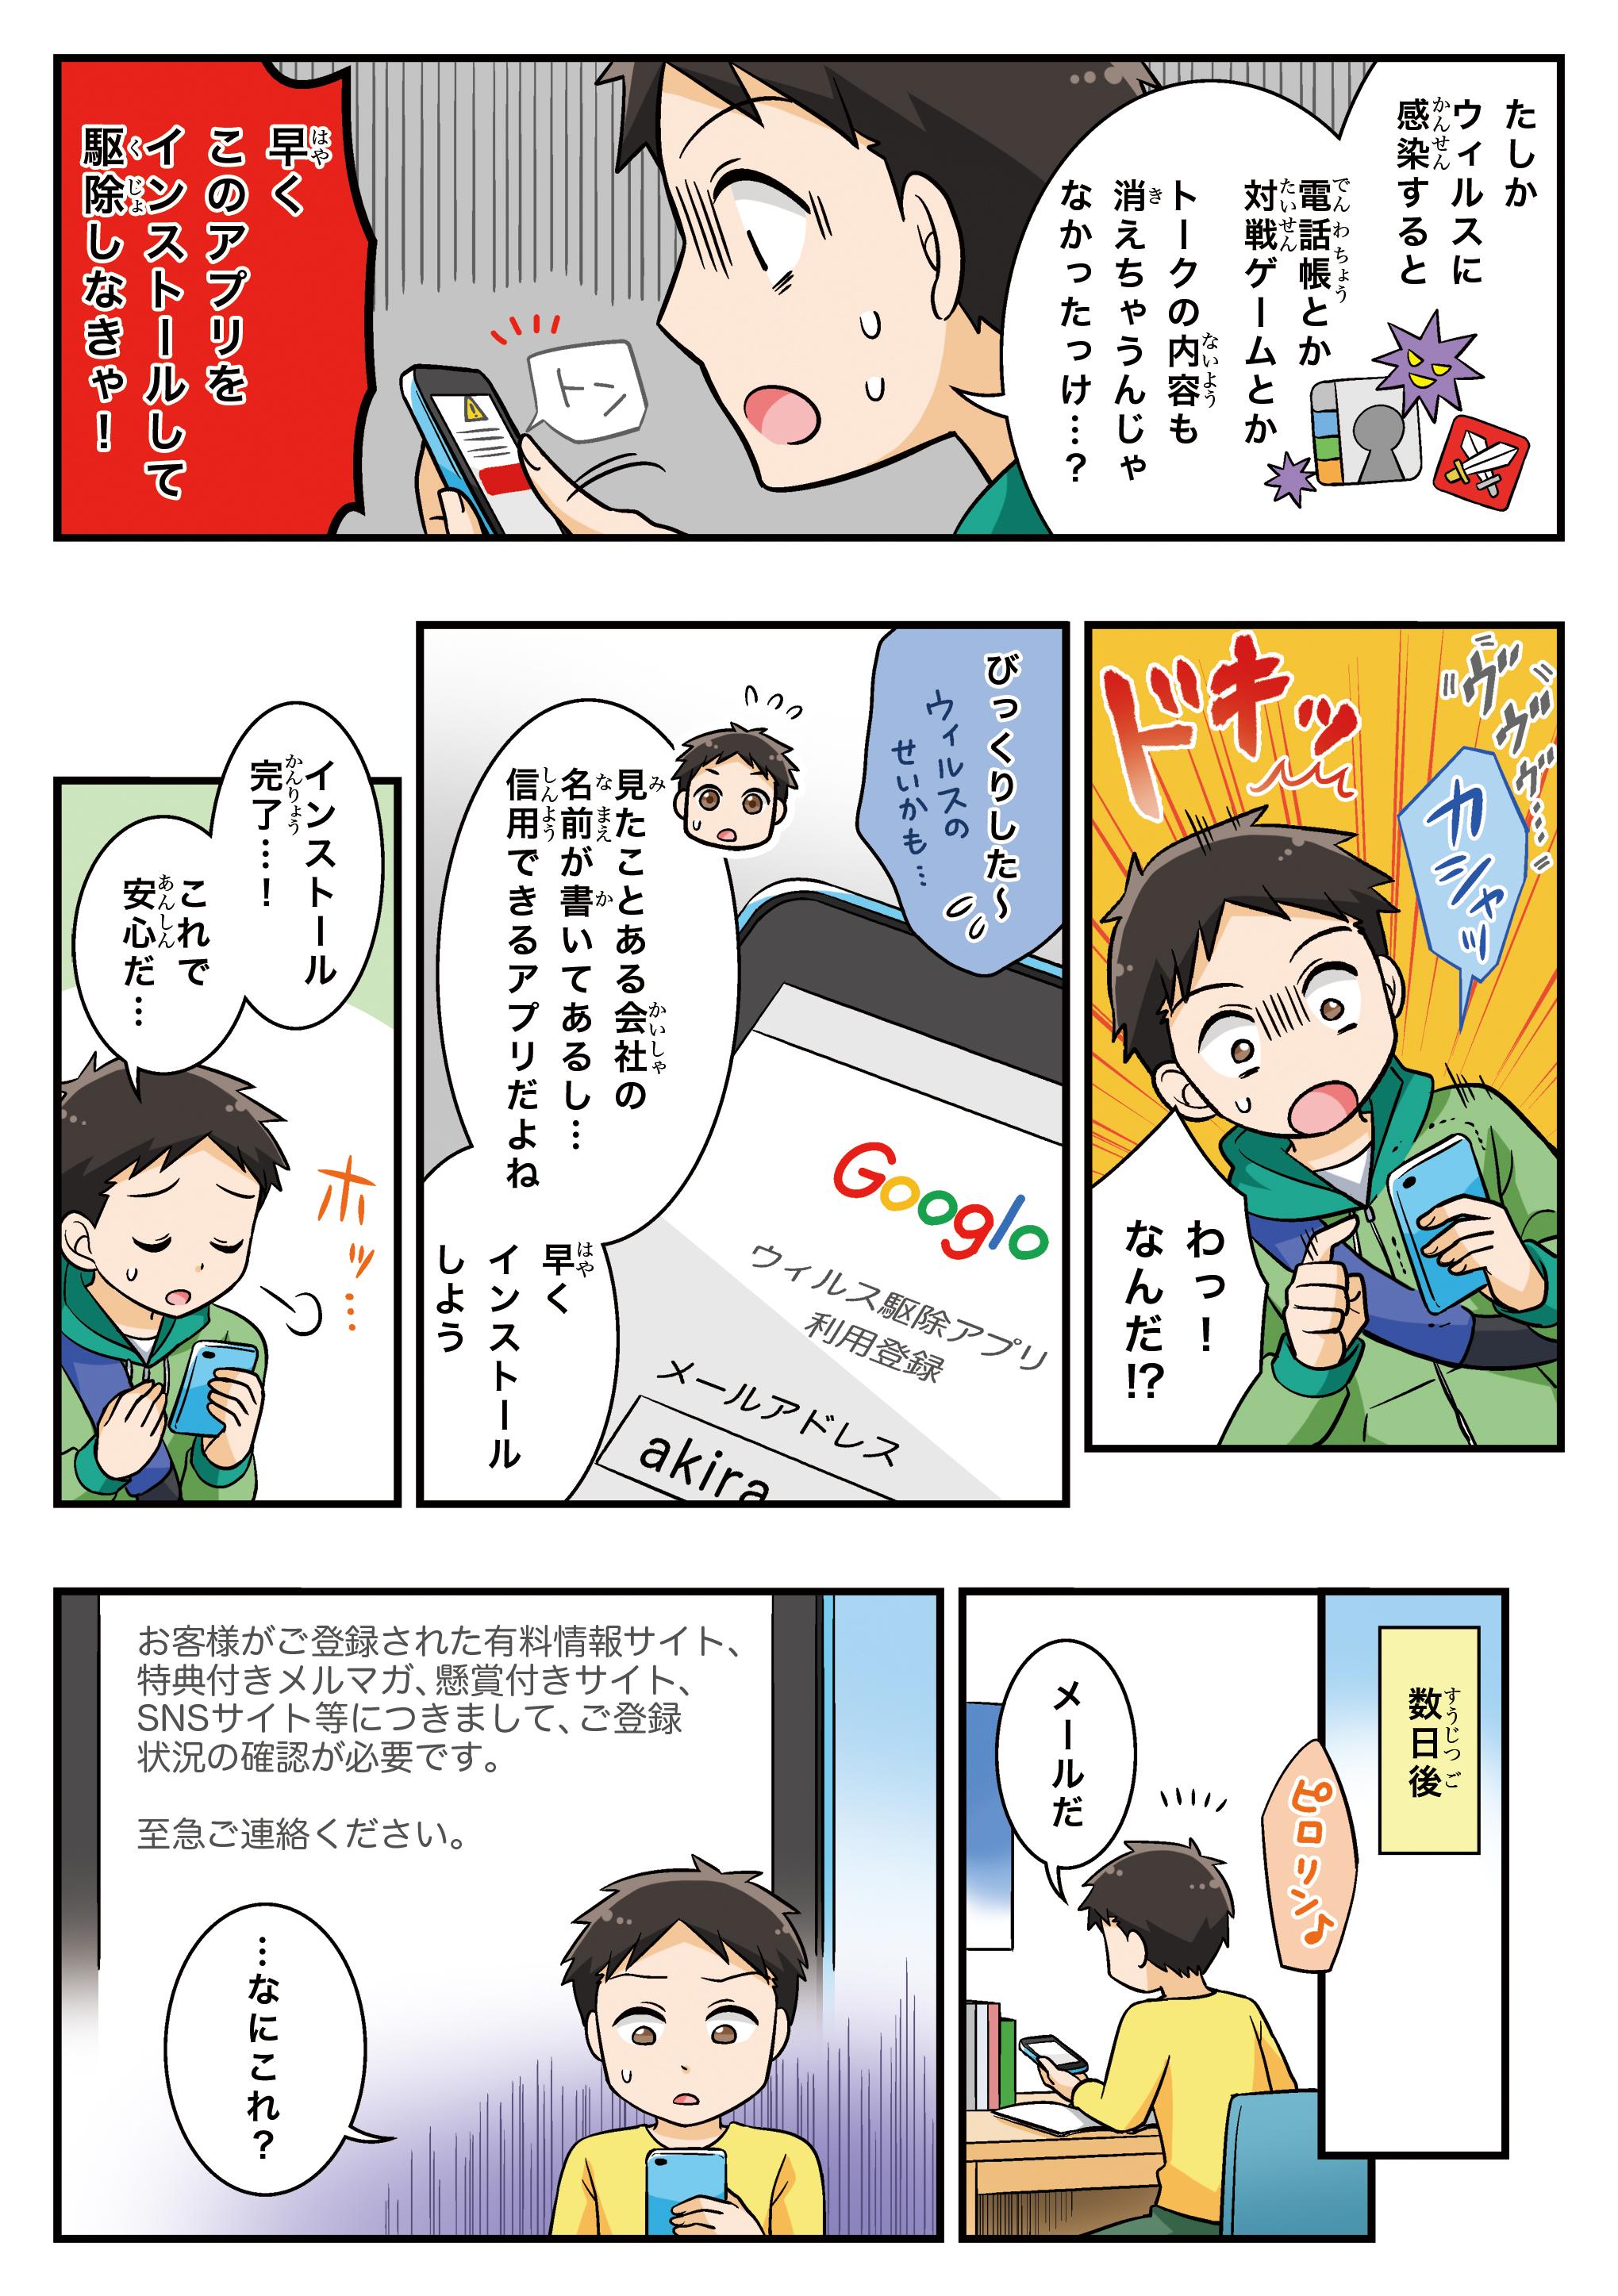 福生市小中学生向け防犯啓蒙漫画[画像3]